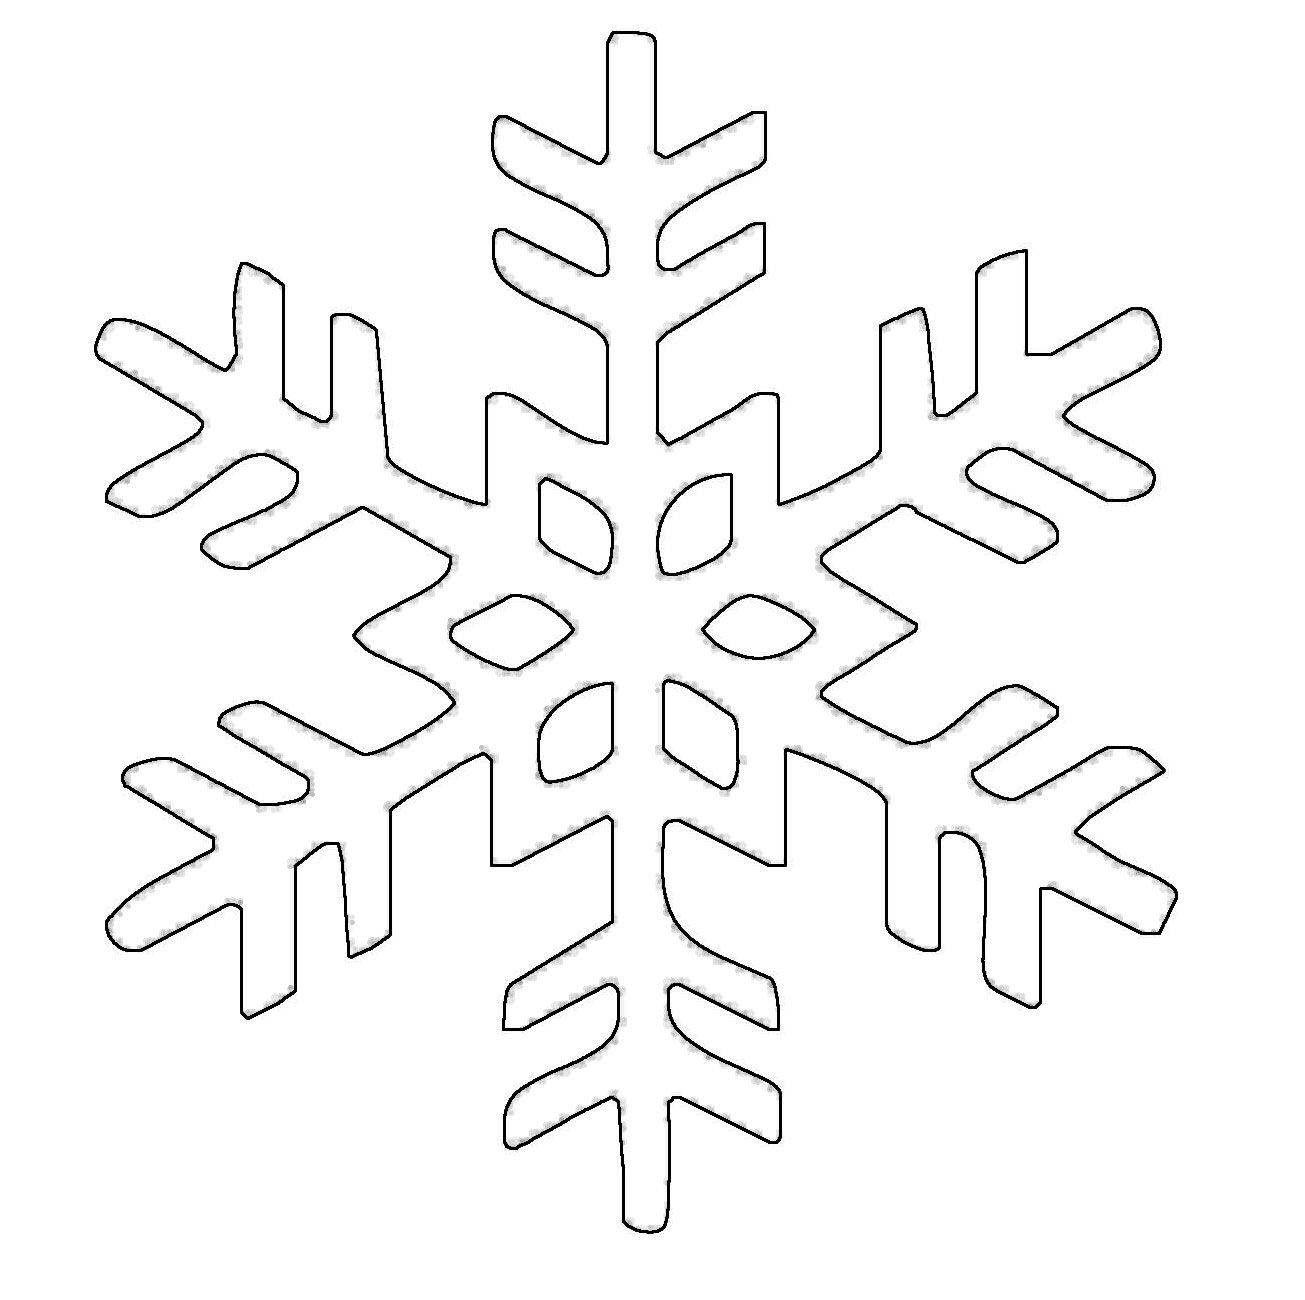 Die Besten Ideen Für Malvorlagen Schneeflocken verwandt mit Schneeflocken Vorlage